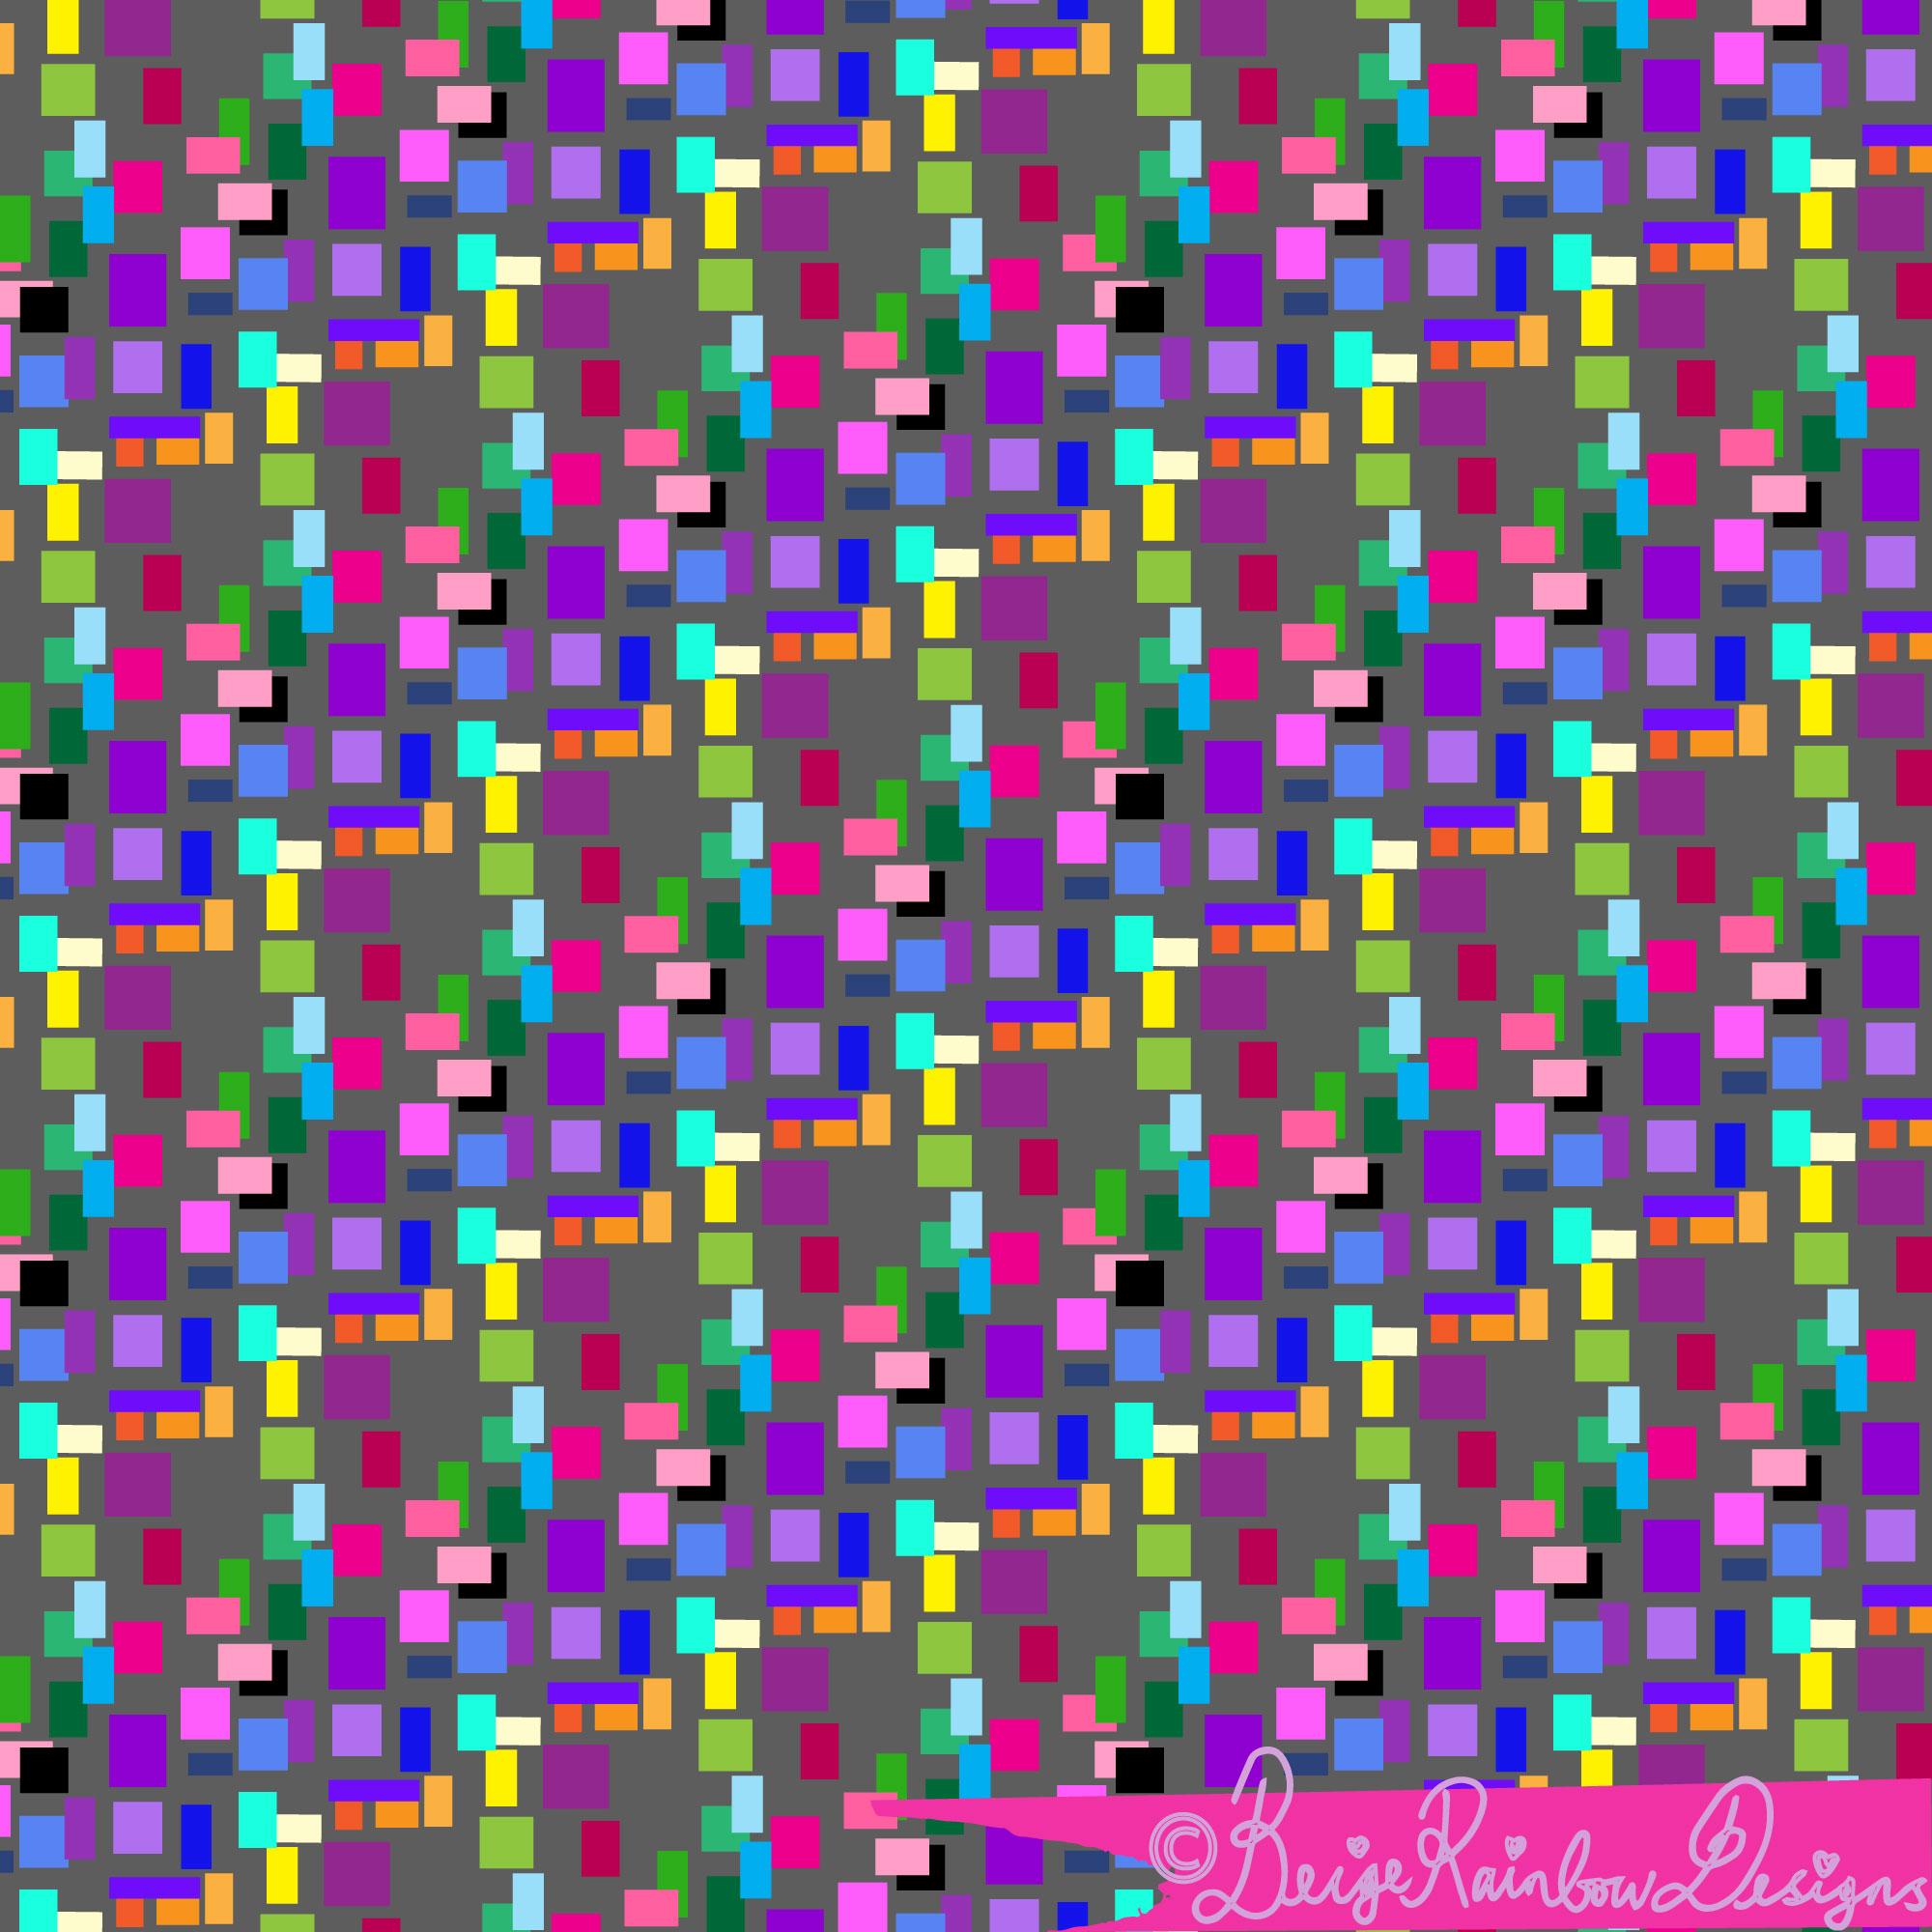 Rainbow Chunks